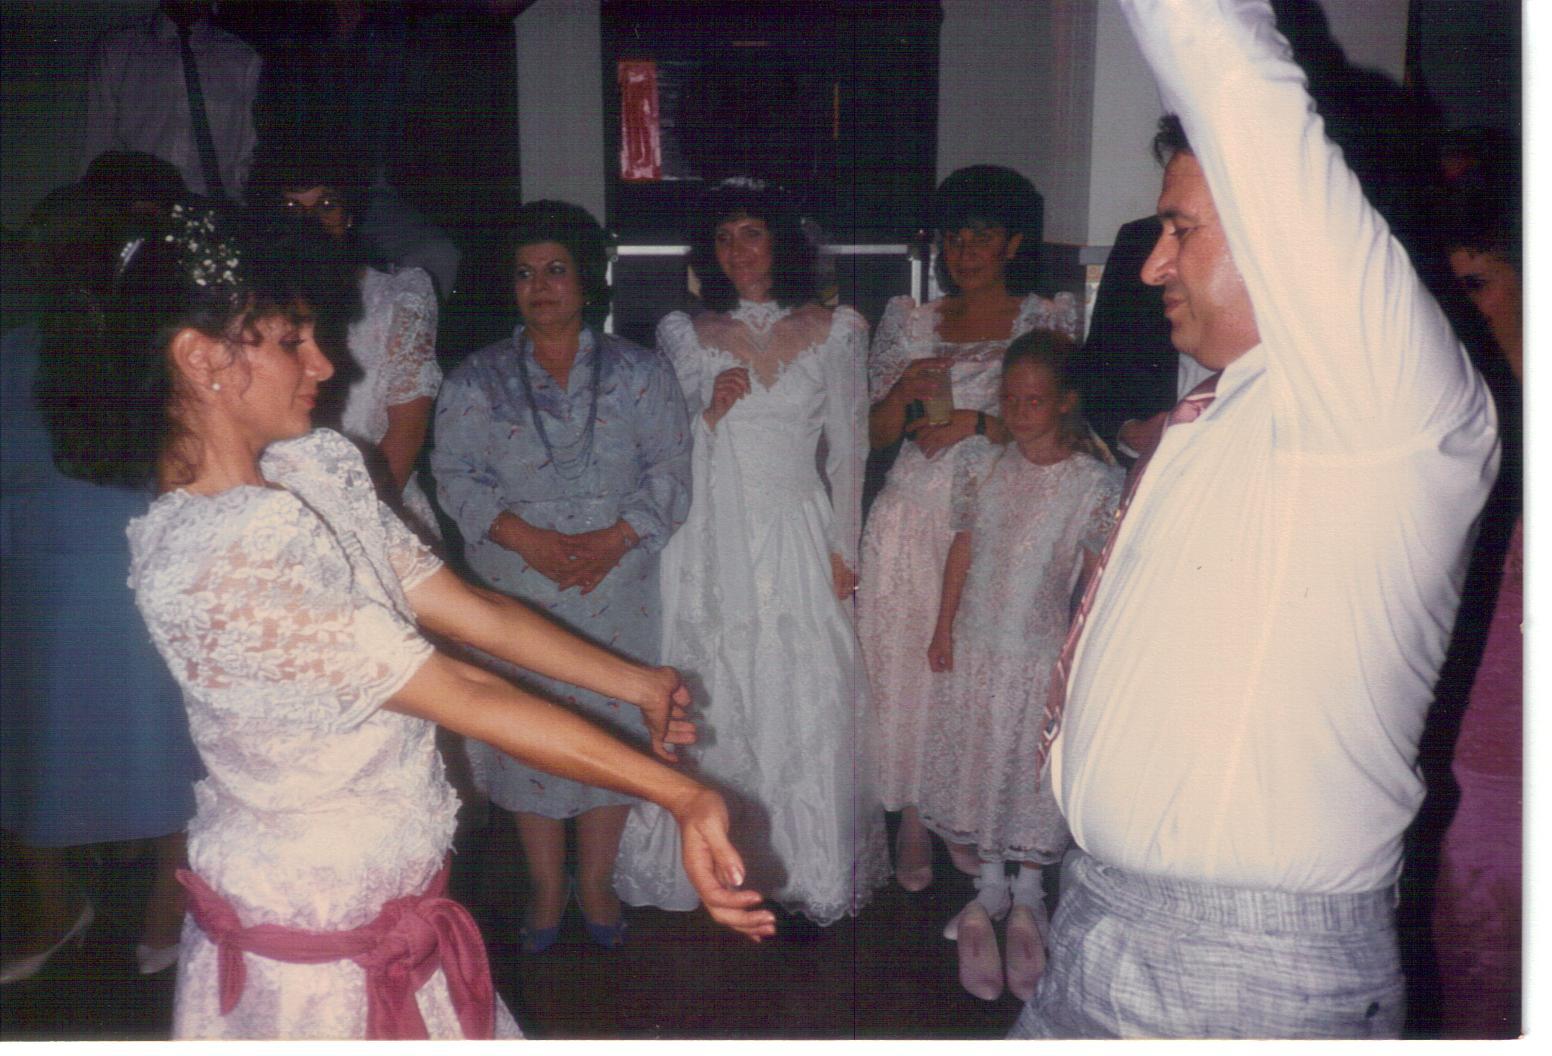 Tarifa (left) and Bobby Farrah (right) dance at a family wedding. Photo courtesy of Tarifa Salem.